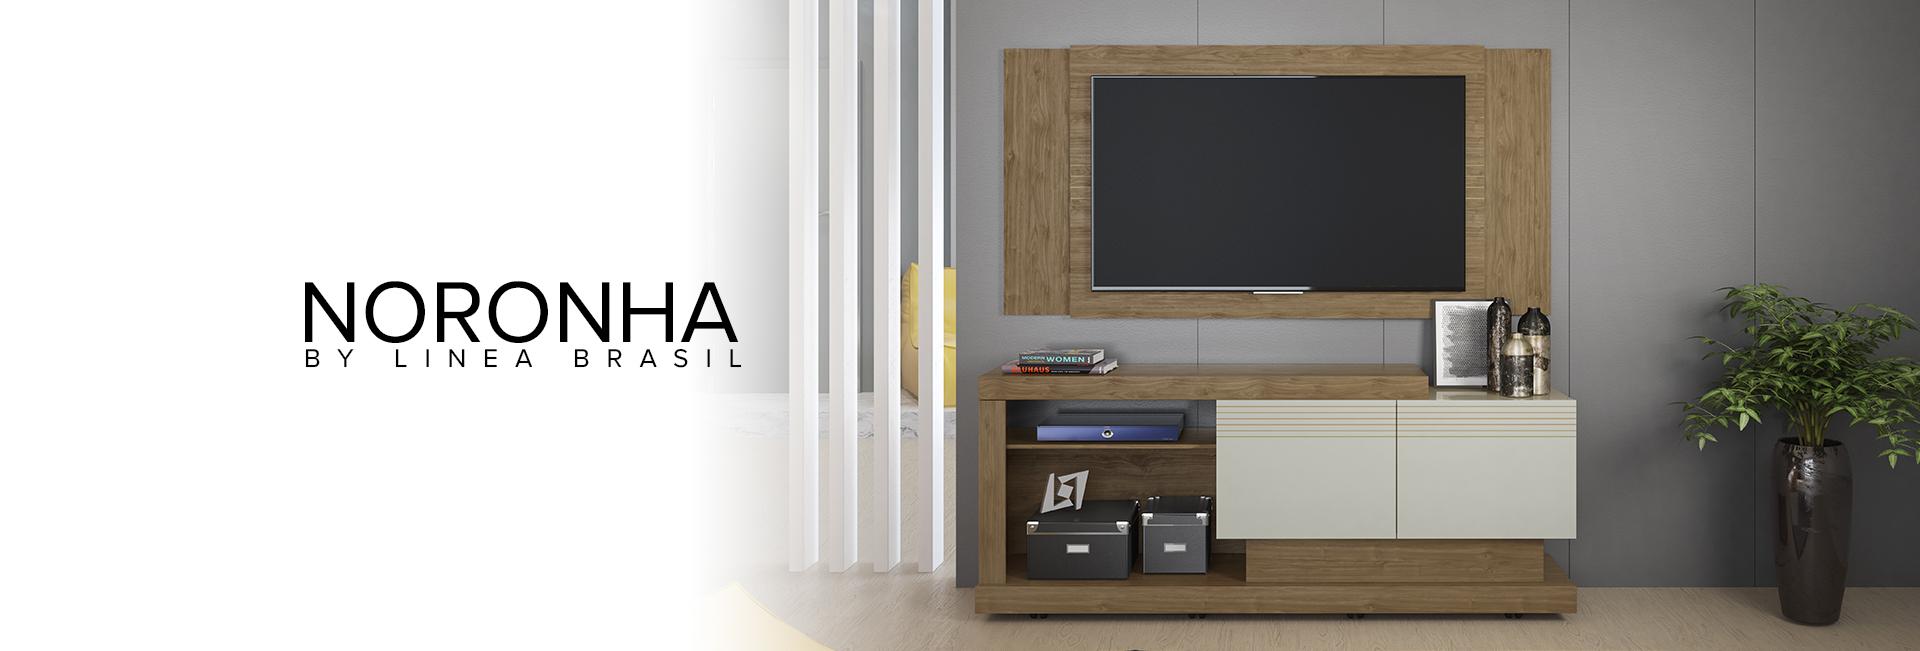 Rack para TV Noronha